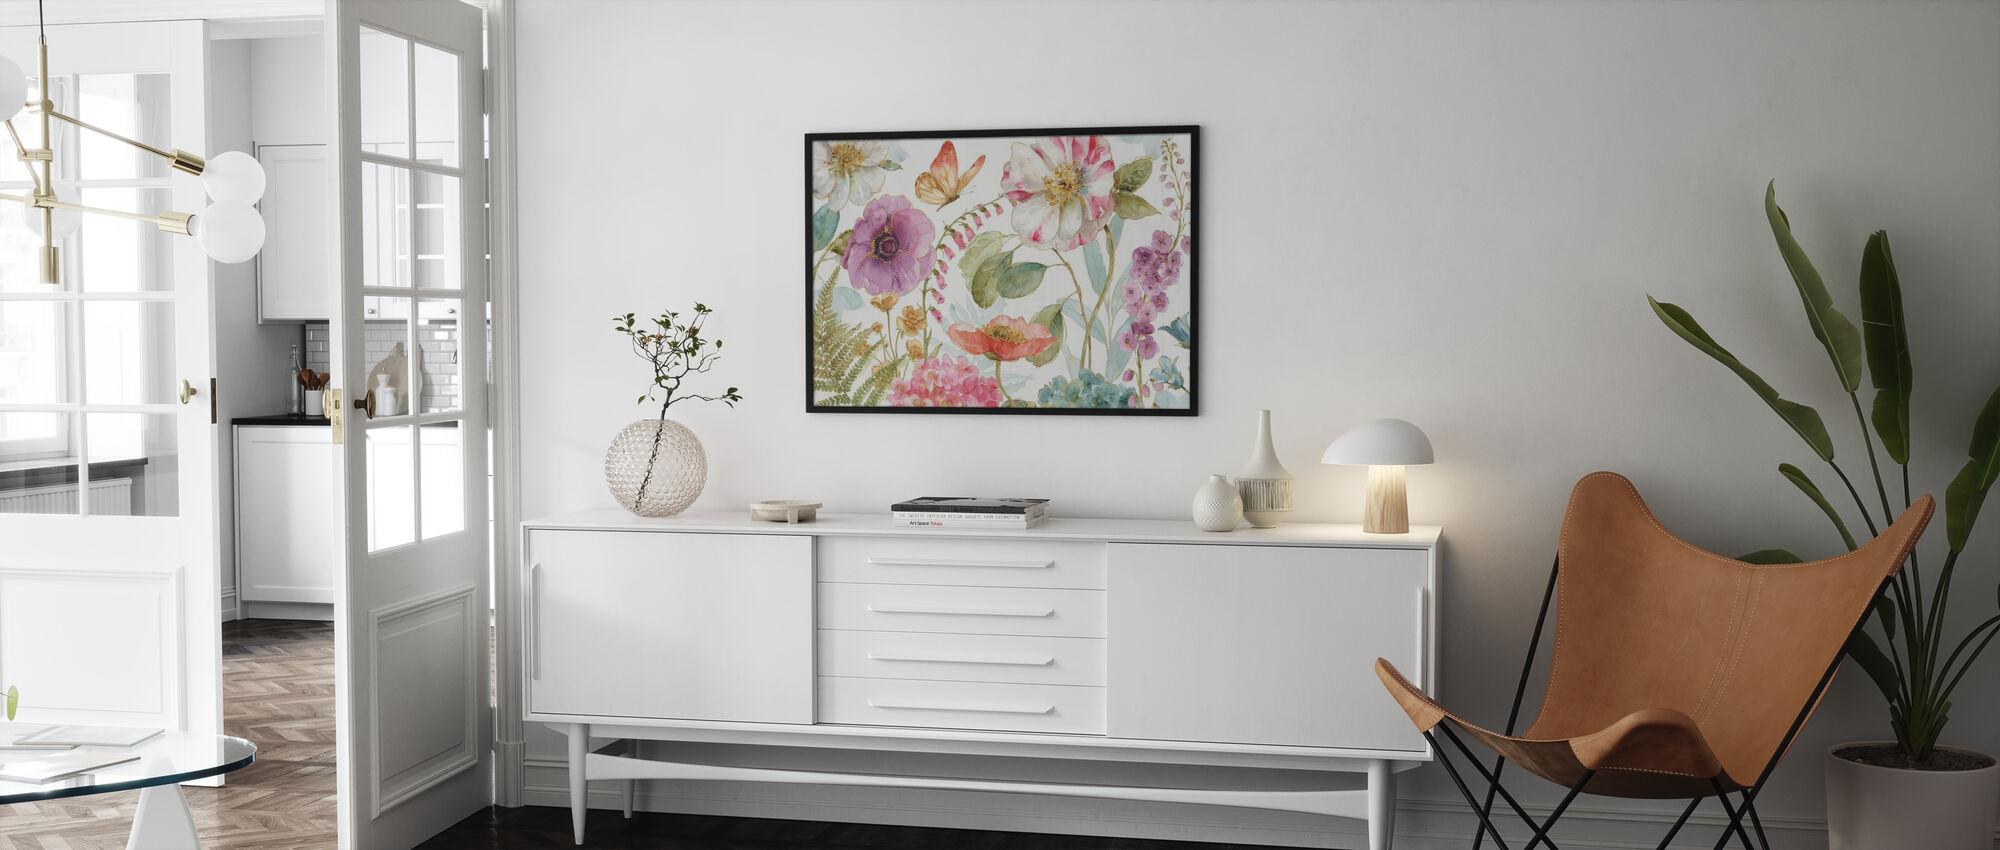 Rainbow Seeds Flowers 1 - Framed print - Living Room